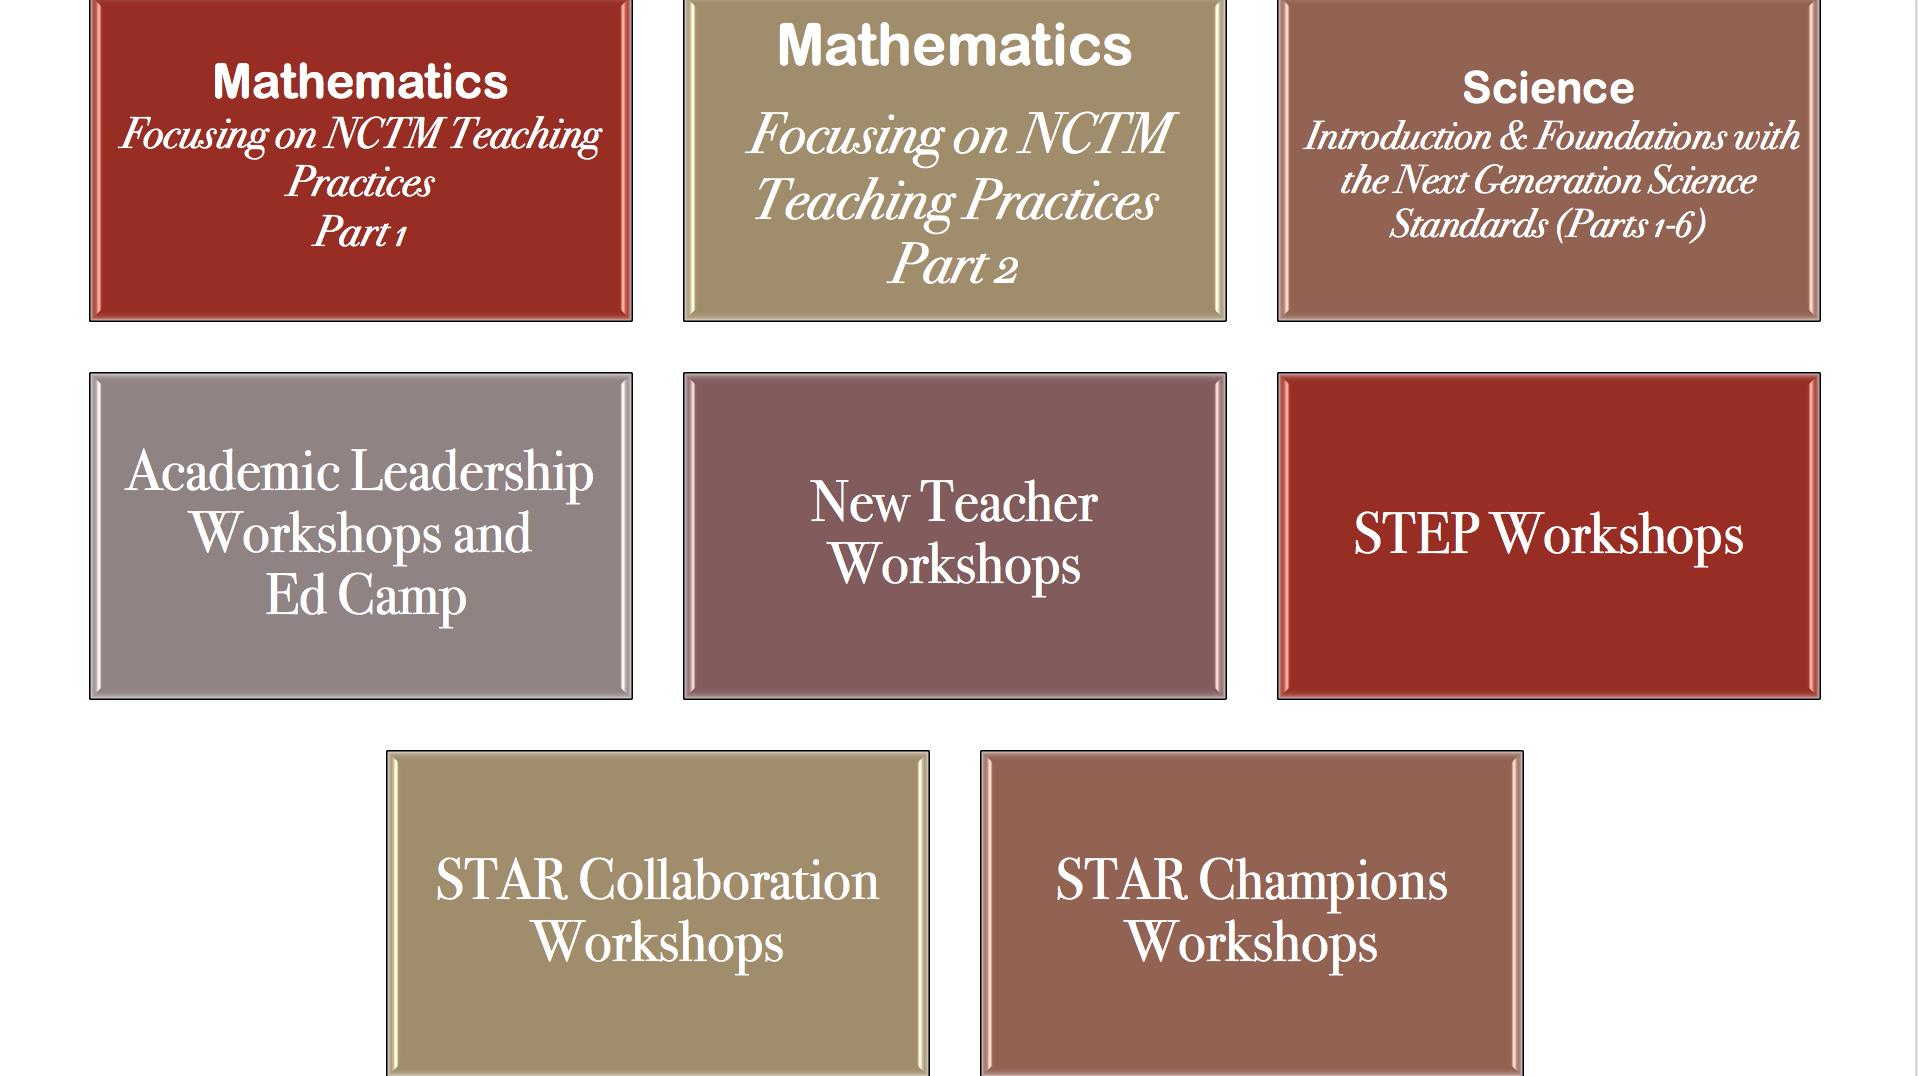 HS Workshops